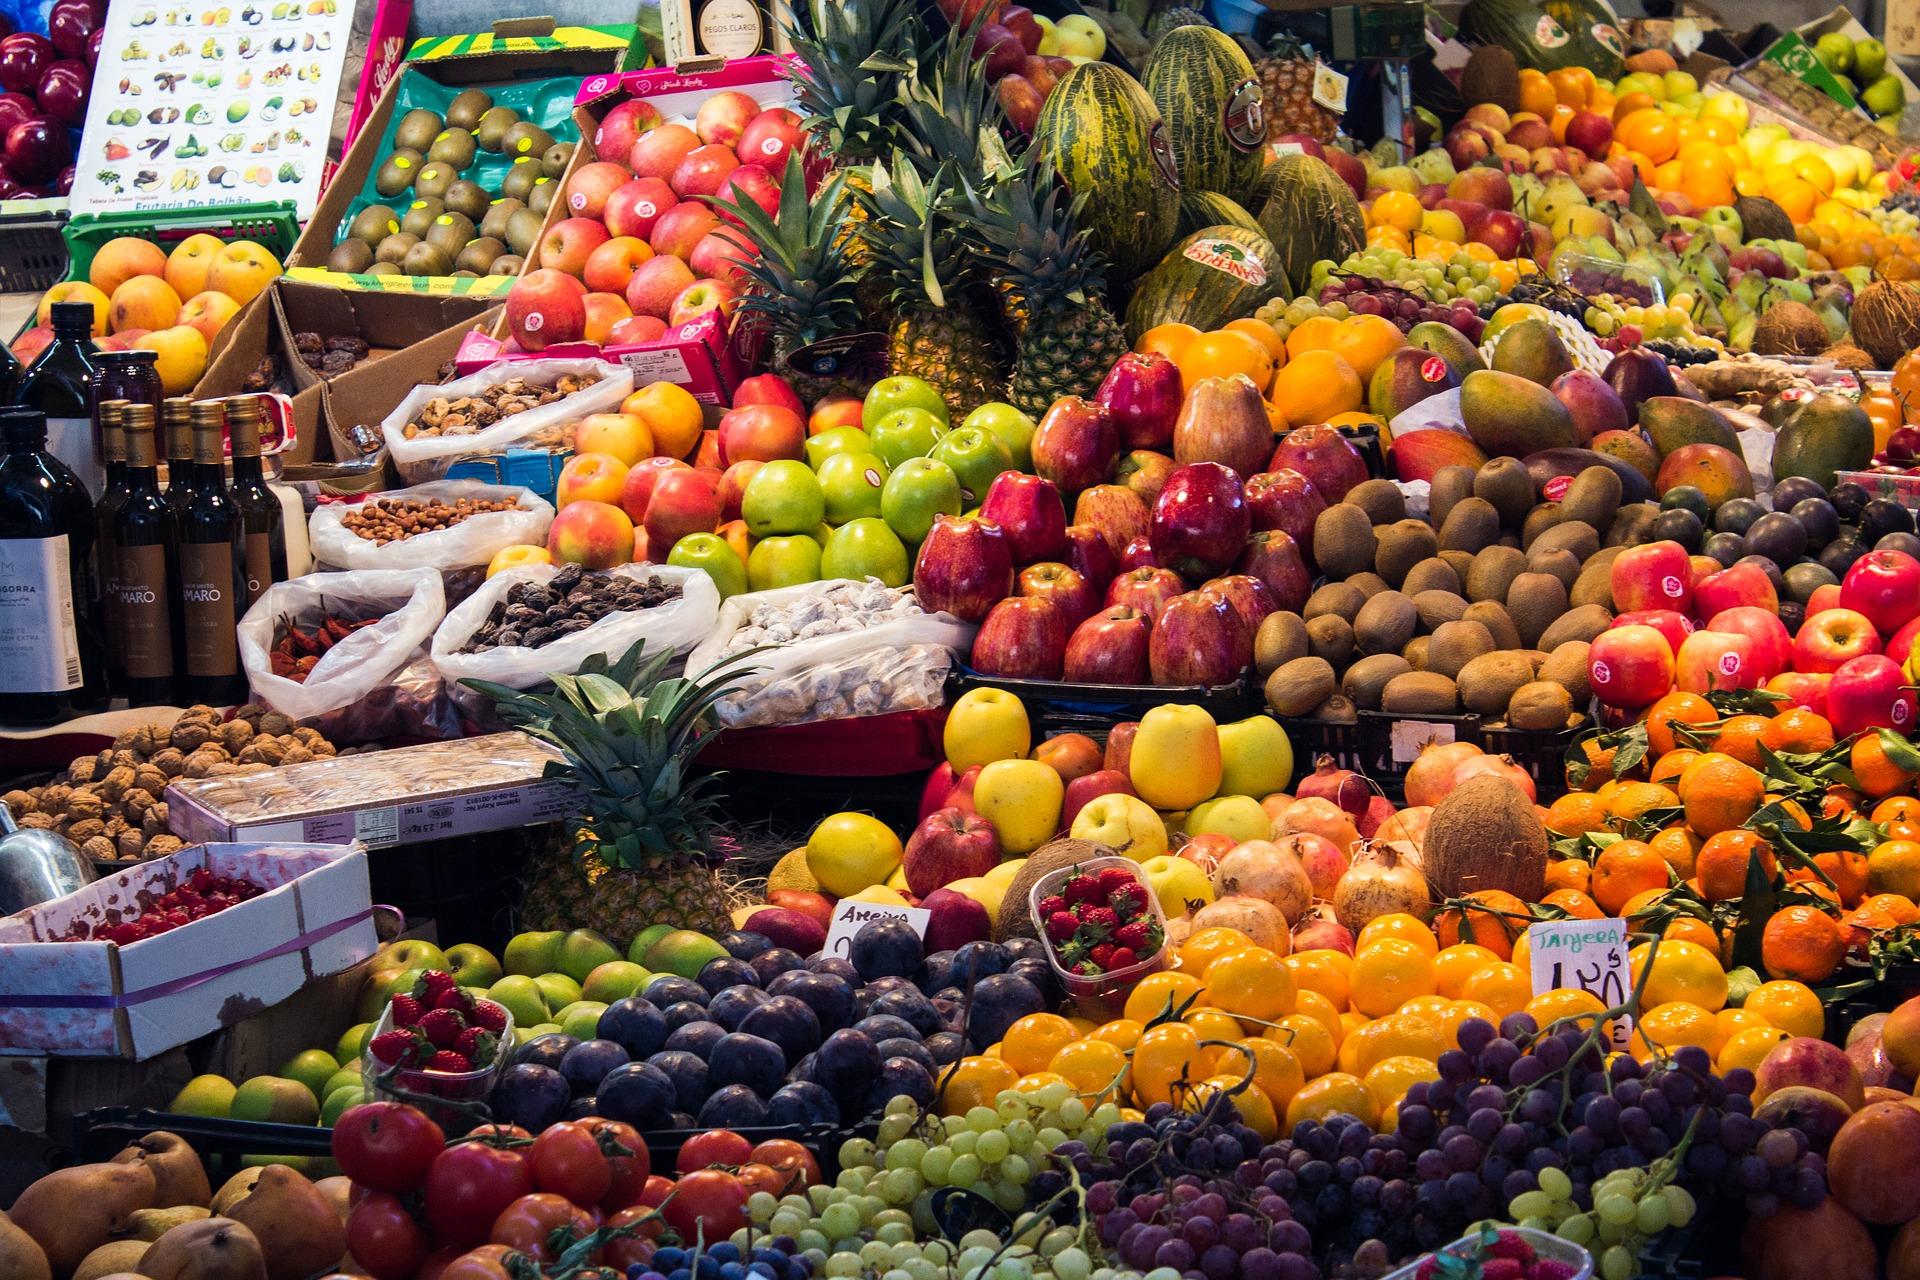 Frisches Obst auf dem Basar kaufen in Marrakesch während des Kurz Trips in Marokko